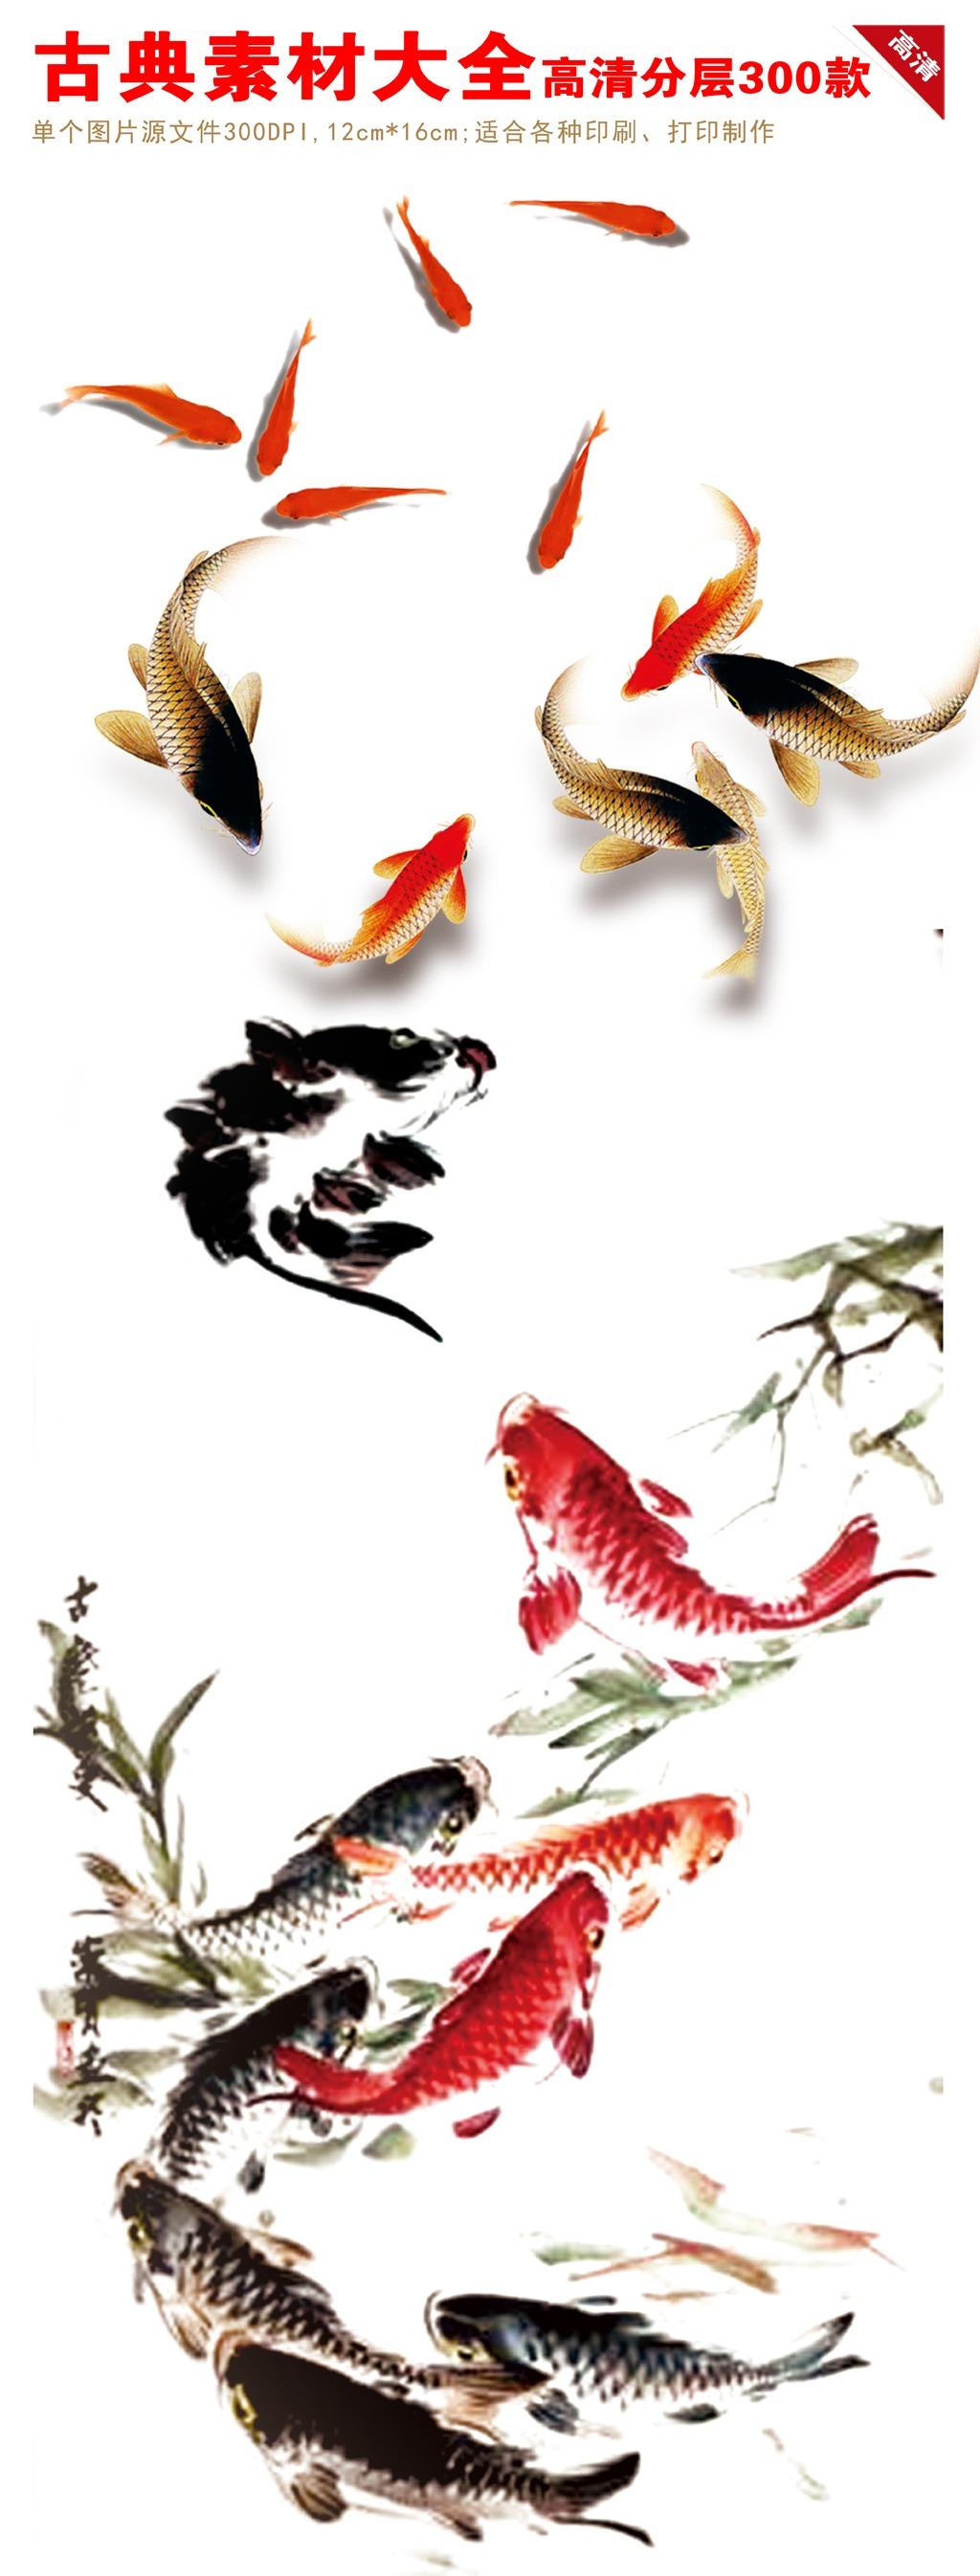 鱼素材 鲤鱼荷花图